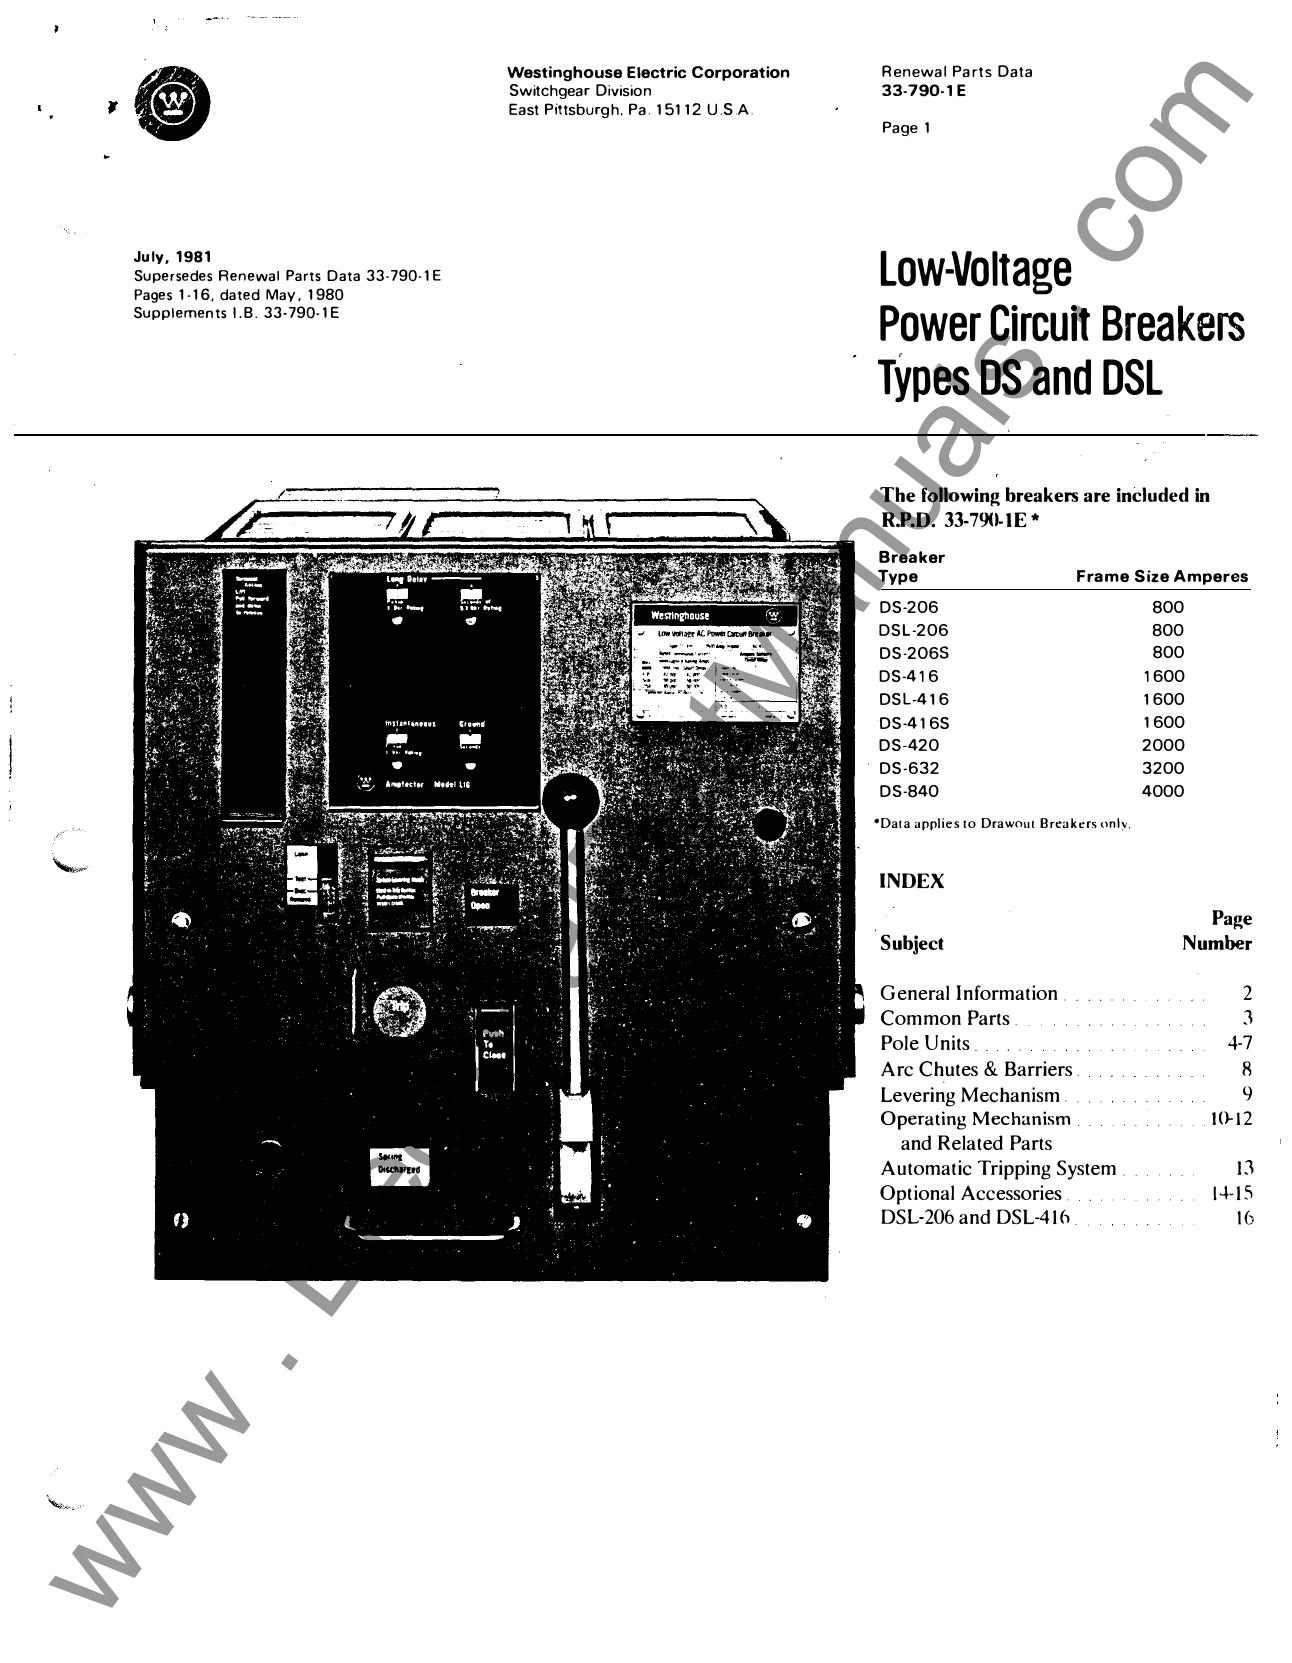 WESTINGHOUSE 600VAC 2000A DSL LIMITER 140D316G12